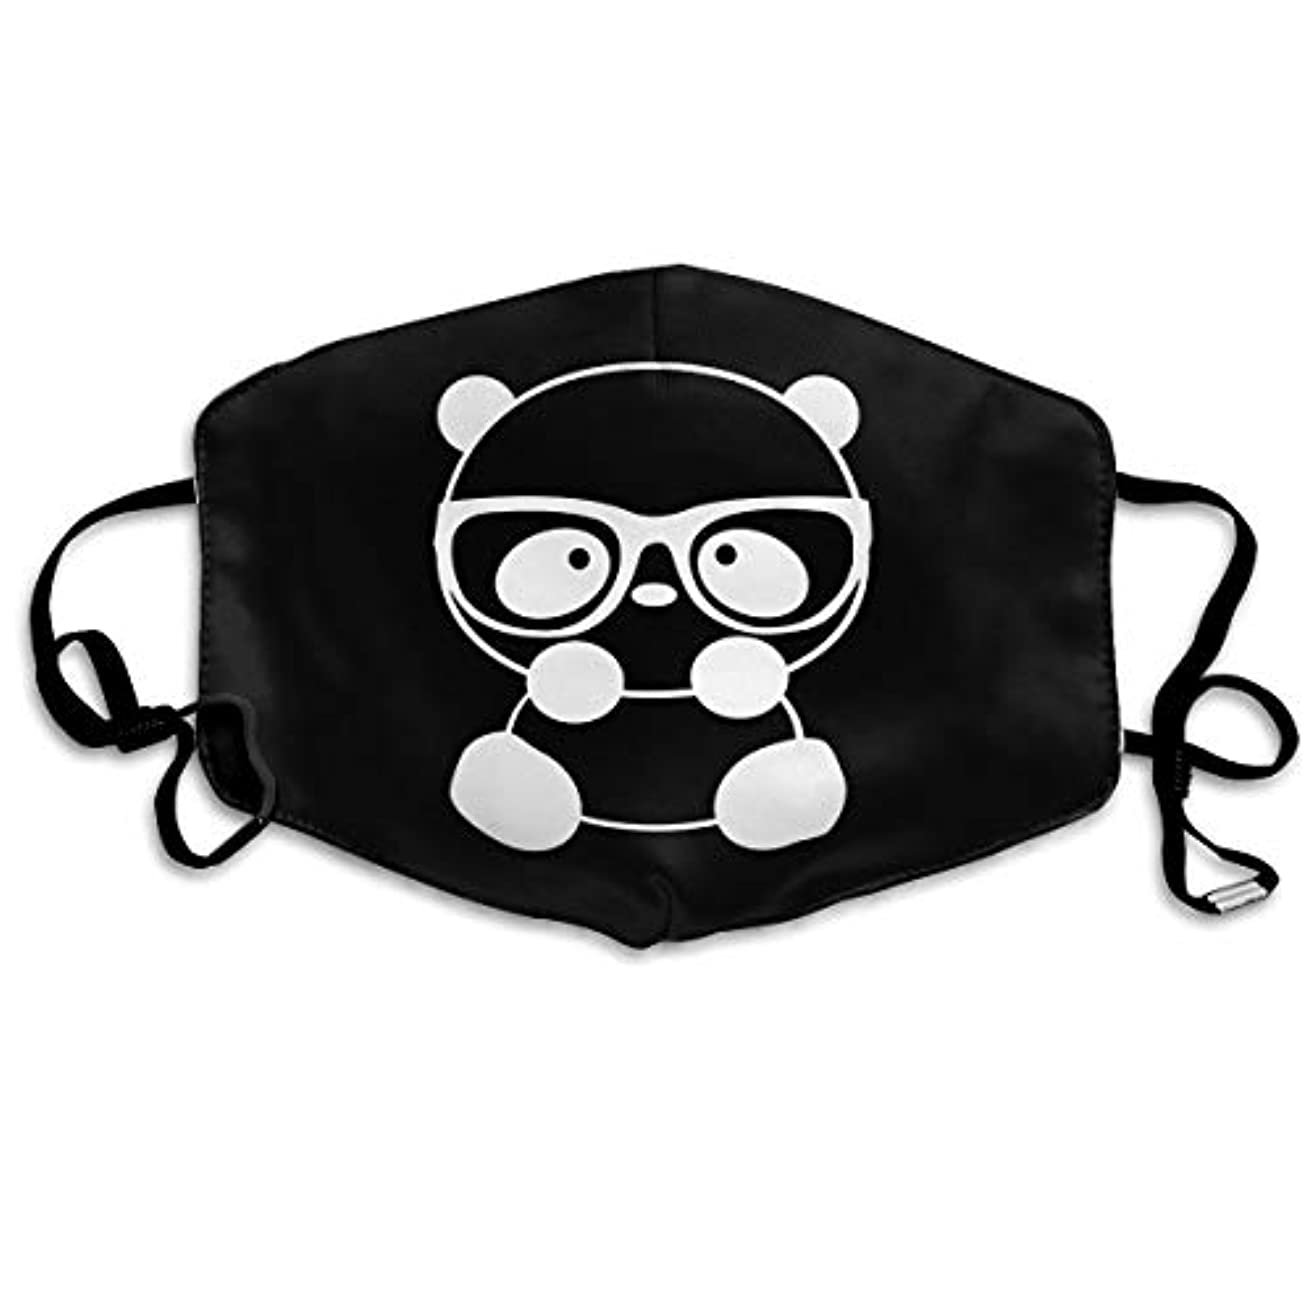 師匠副面Morningligh マスク 使い捨てマスク ファッションマスク 個別包装 まとめ買い 防災 避難 緊急 抗菌 花粉症予防 風邪予防 男女兼用 健康を守るため